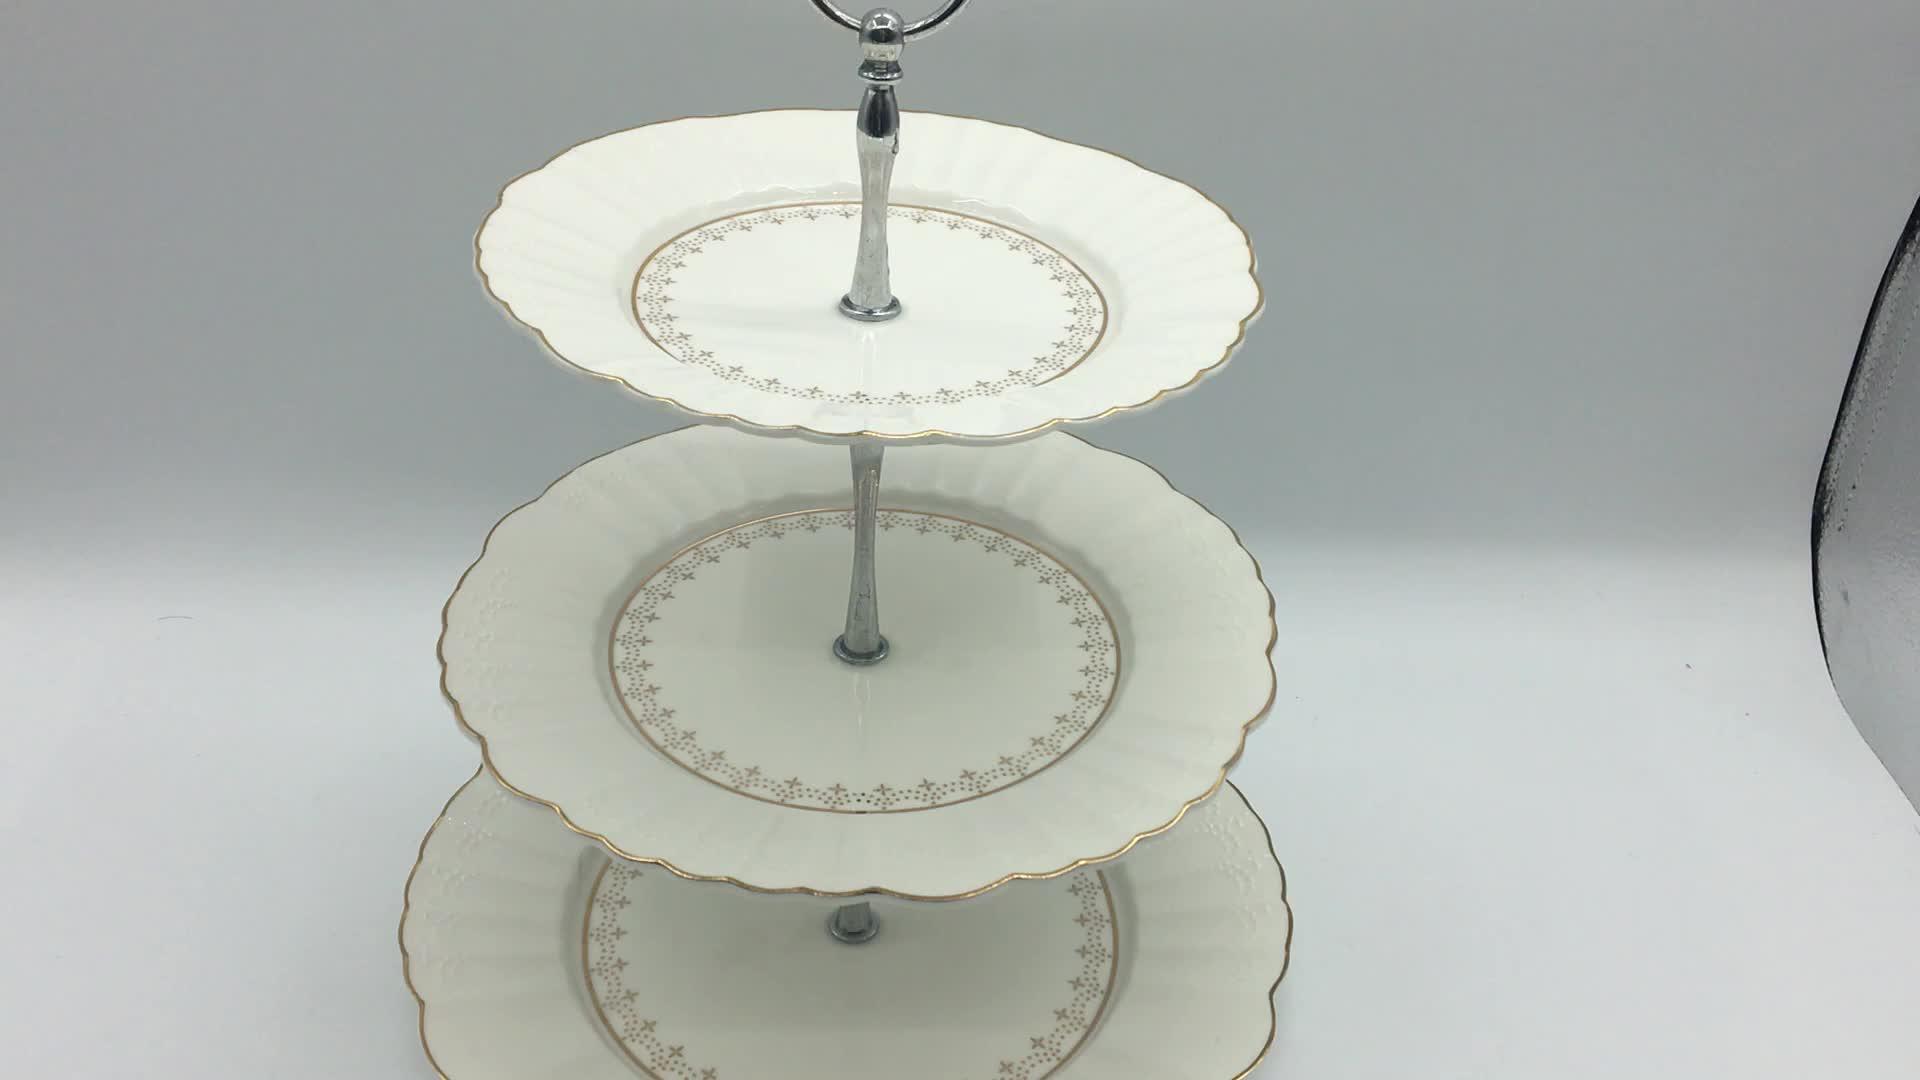 Gümüş metal yuvarlak altın jant öğleden sonra çay düğün 3 katmanlı kek standı